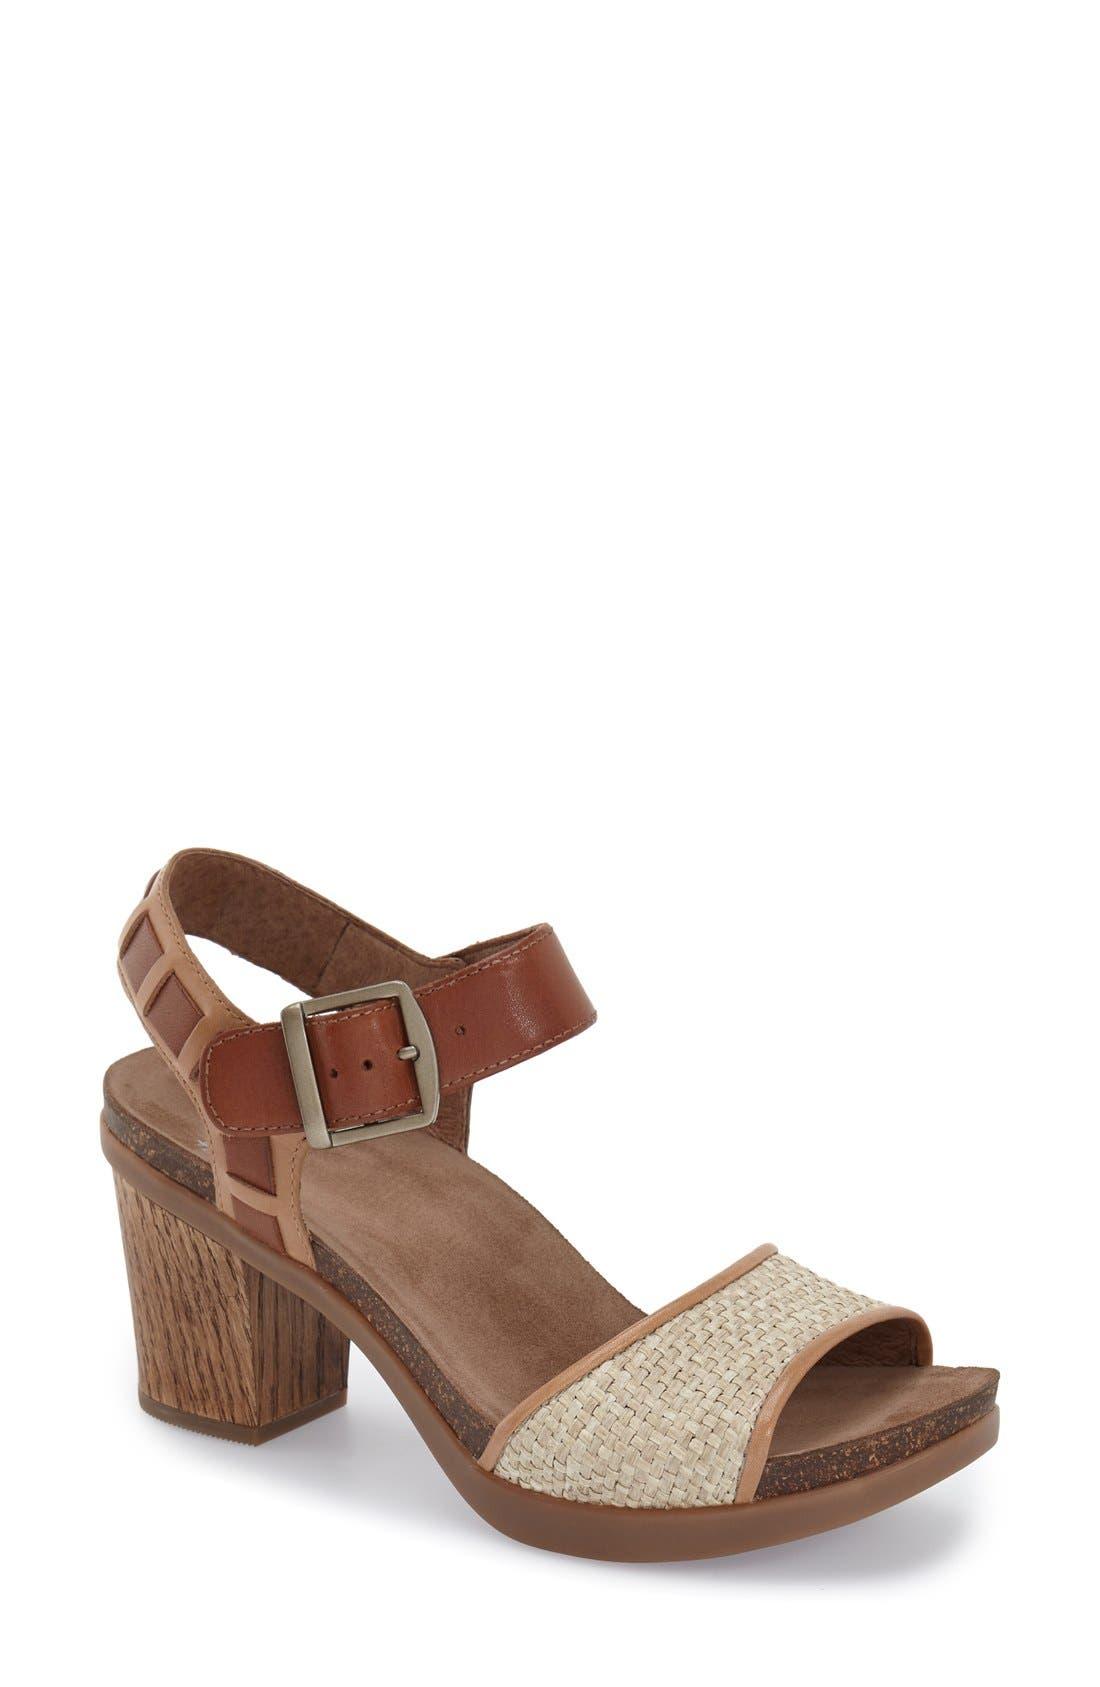 Main Image - Dansko 'Debby' Platform Sandal (Women)